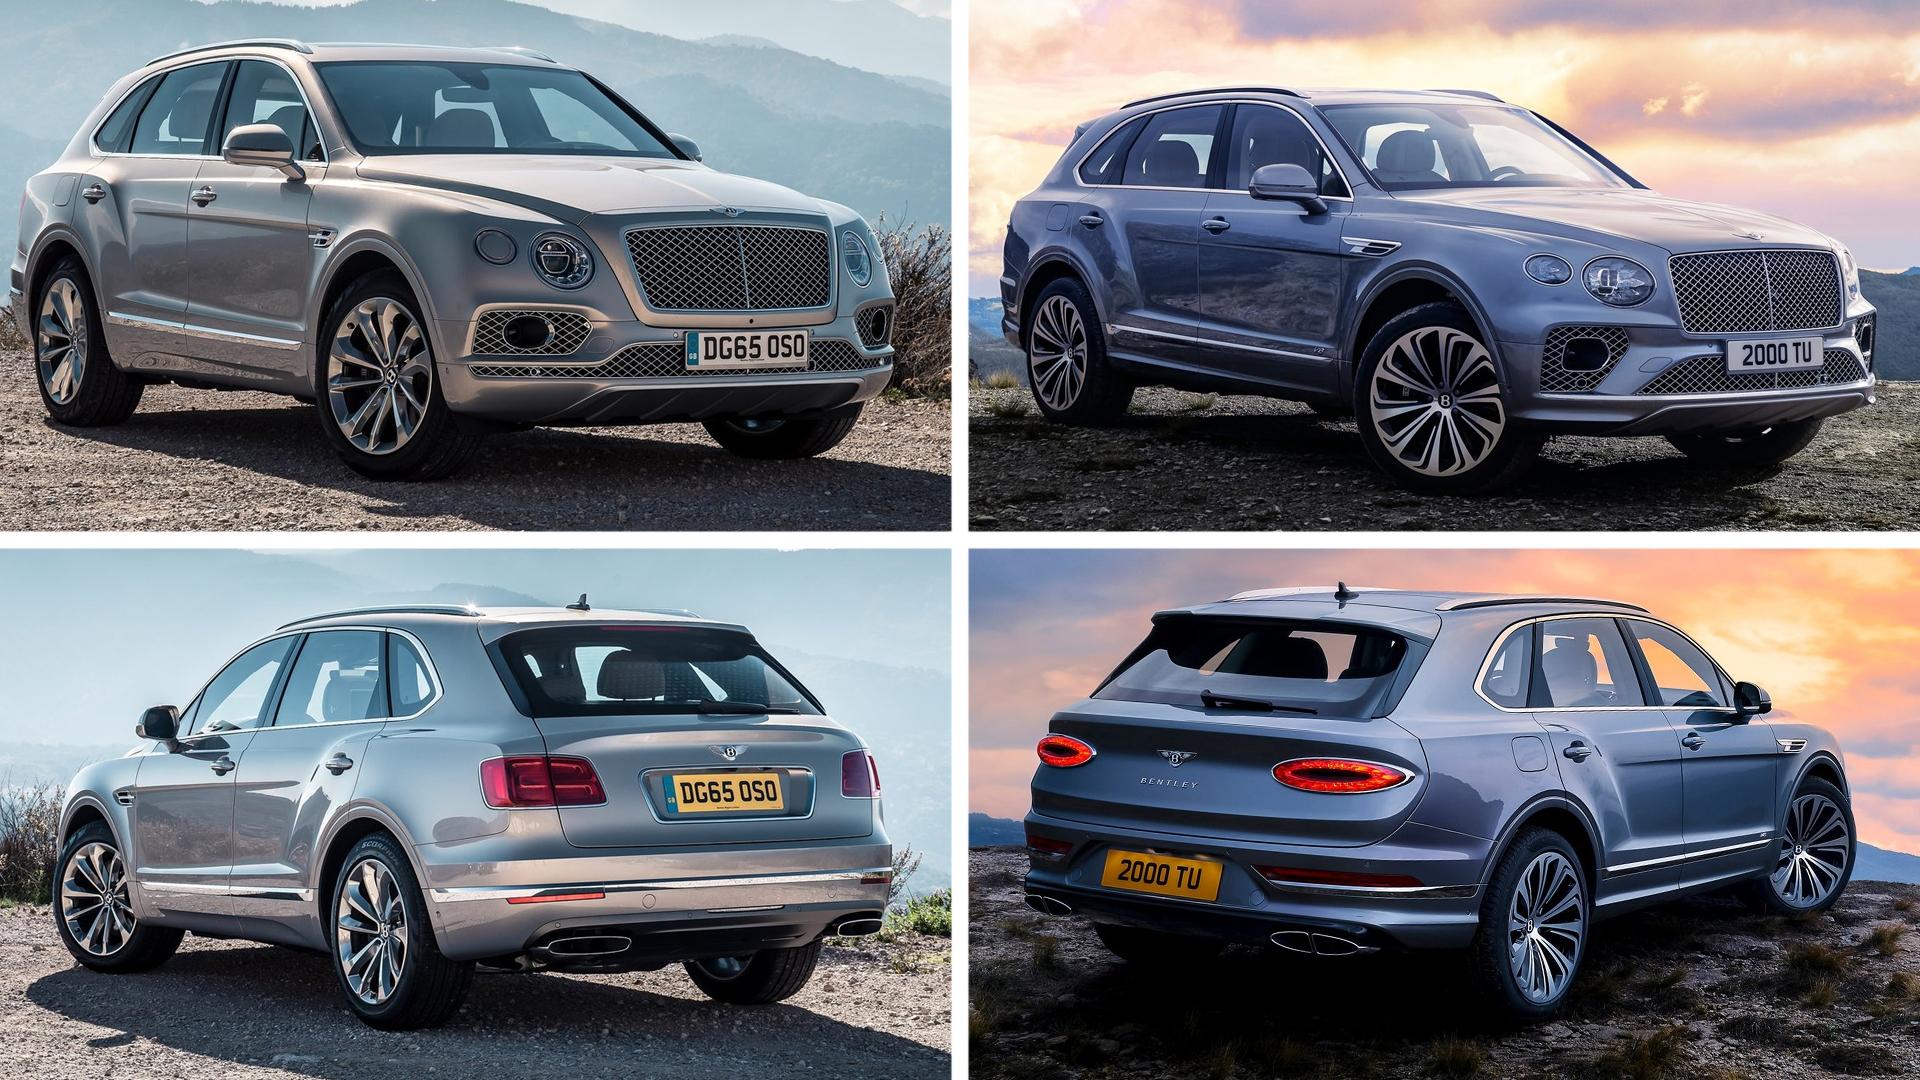 Bentley-Bentayga-2016-2020